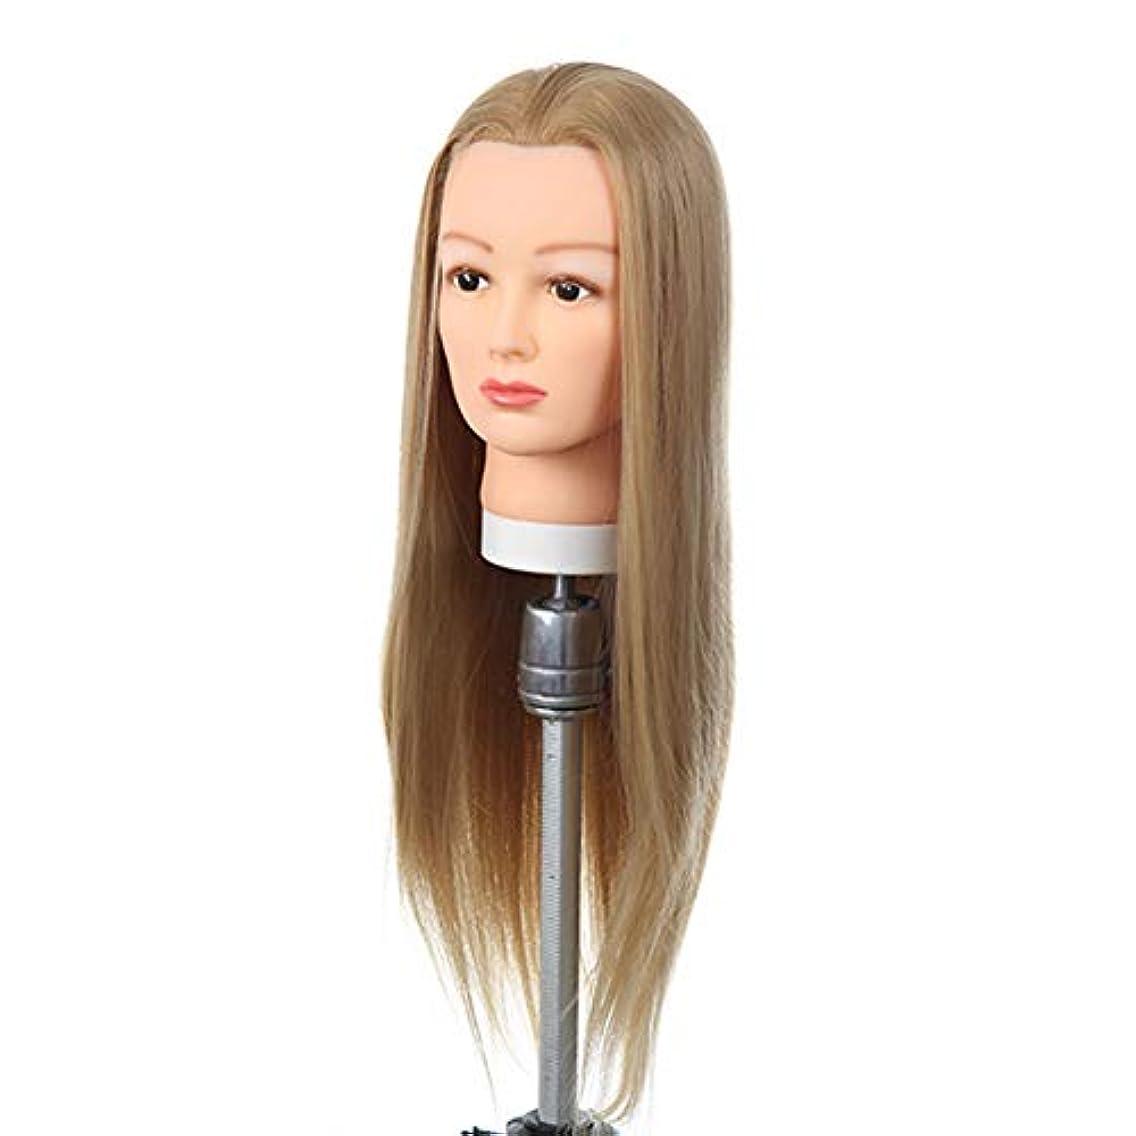 盲信暴君テレビ局高温シルクヘアエクササイズヘッド理髪店トリムヘアトレーニングヘッドブライダルメイクスタイリングヘアモデルダミーヘッド